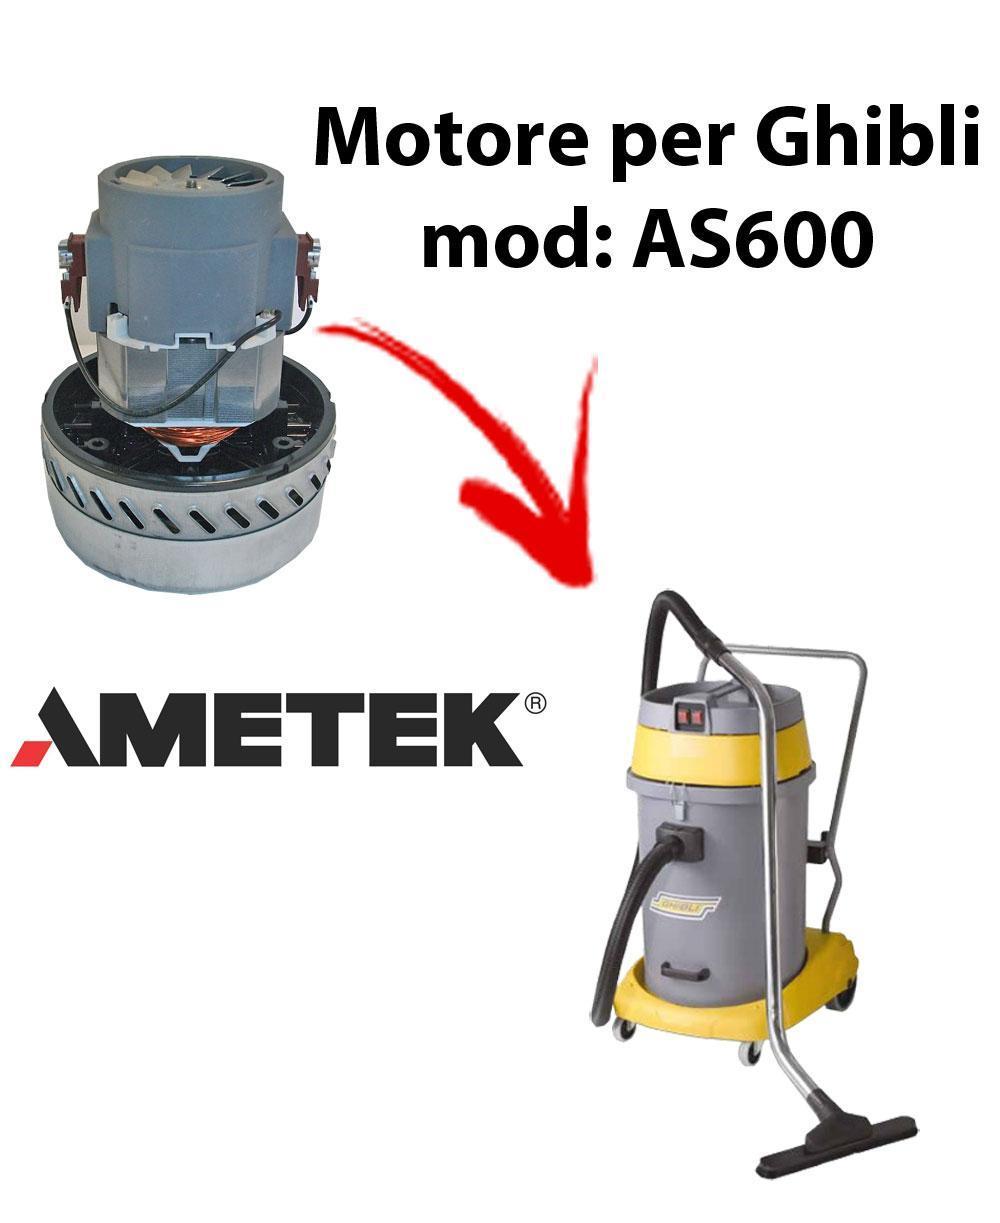 AS600  Motore de aspiración AMETEK para aspiradora y aspiradora húmeda GHIBLI